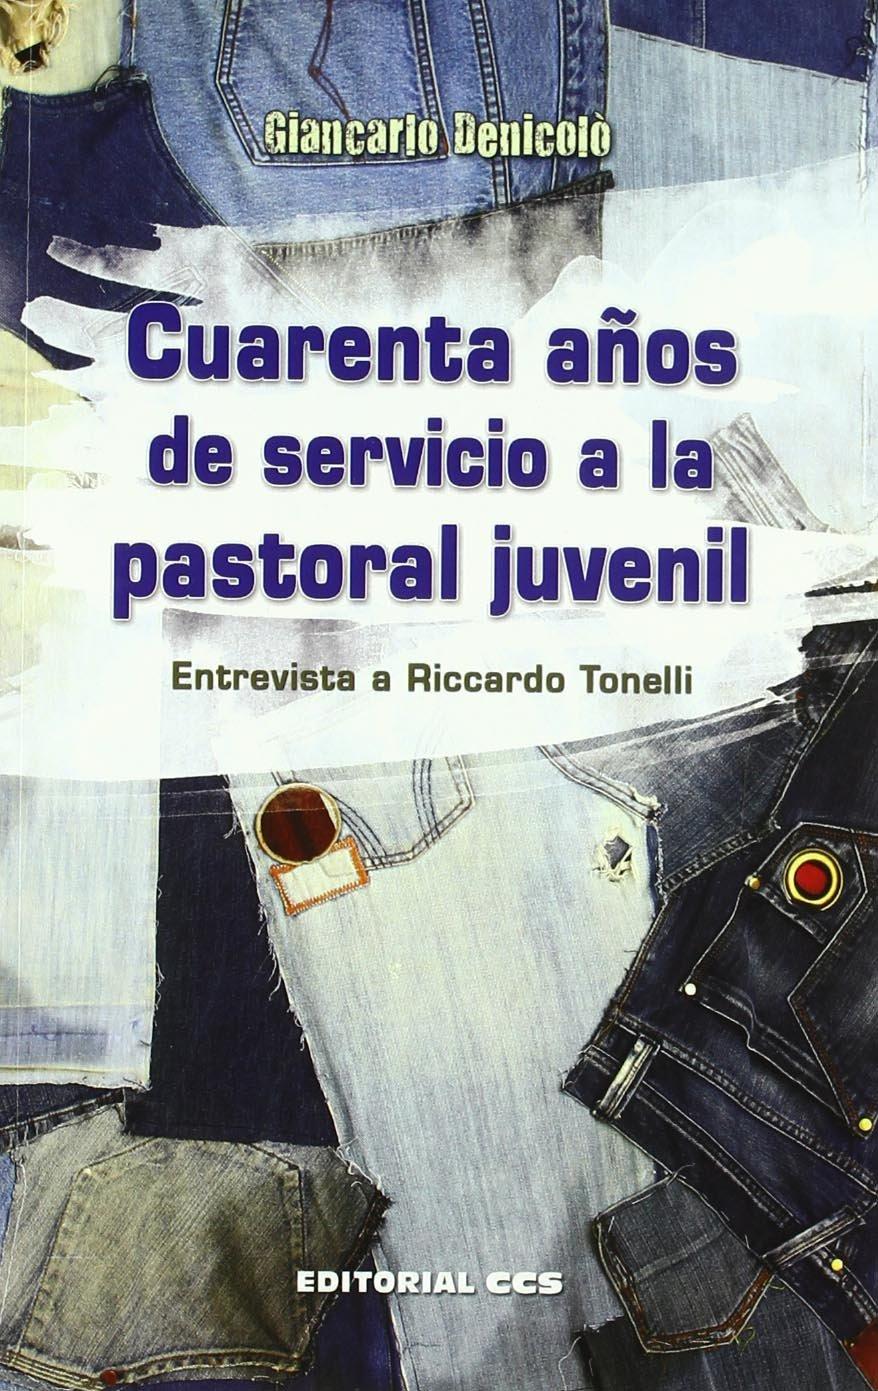 Cuarenta años de servicio a la pastoral juvenil: Entrevista a Riccardo Tonelli: 8 Agentes PJ: Amazon.es: Denicolò, Giancarlo: Libros